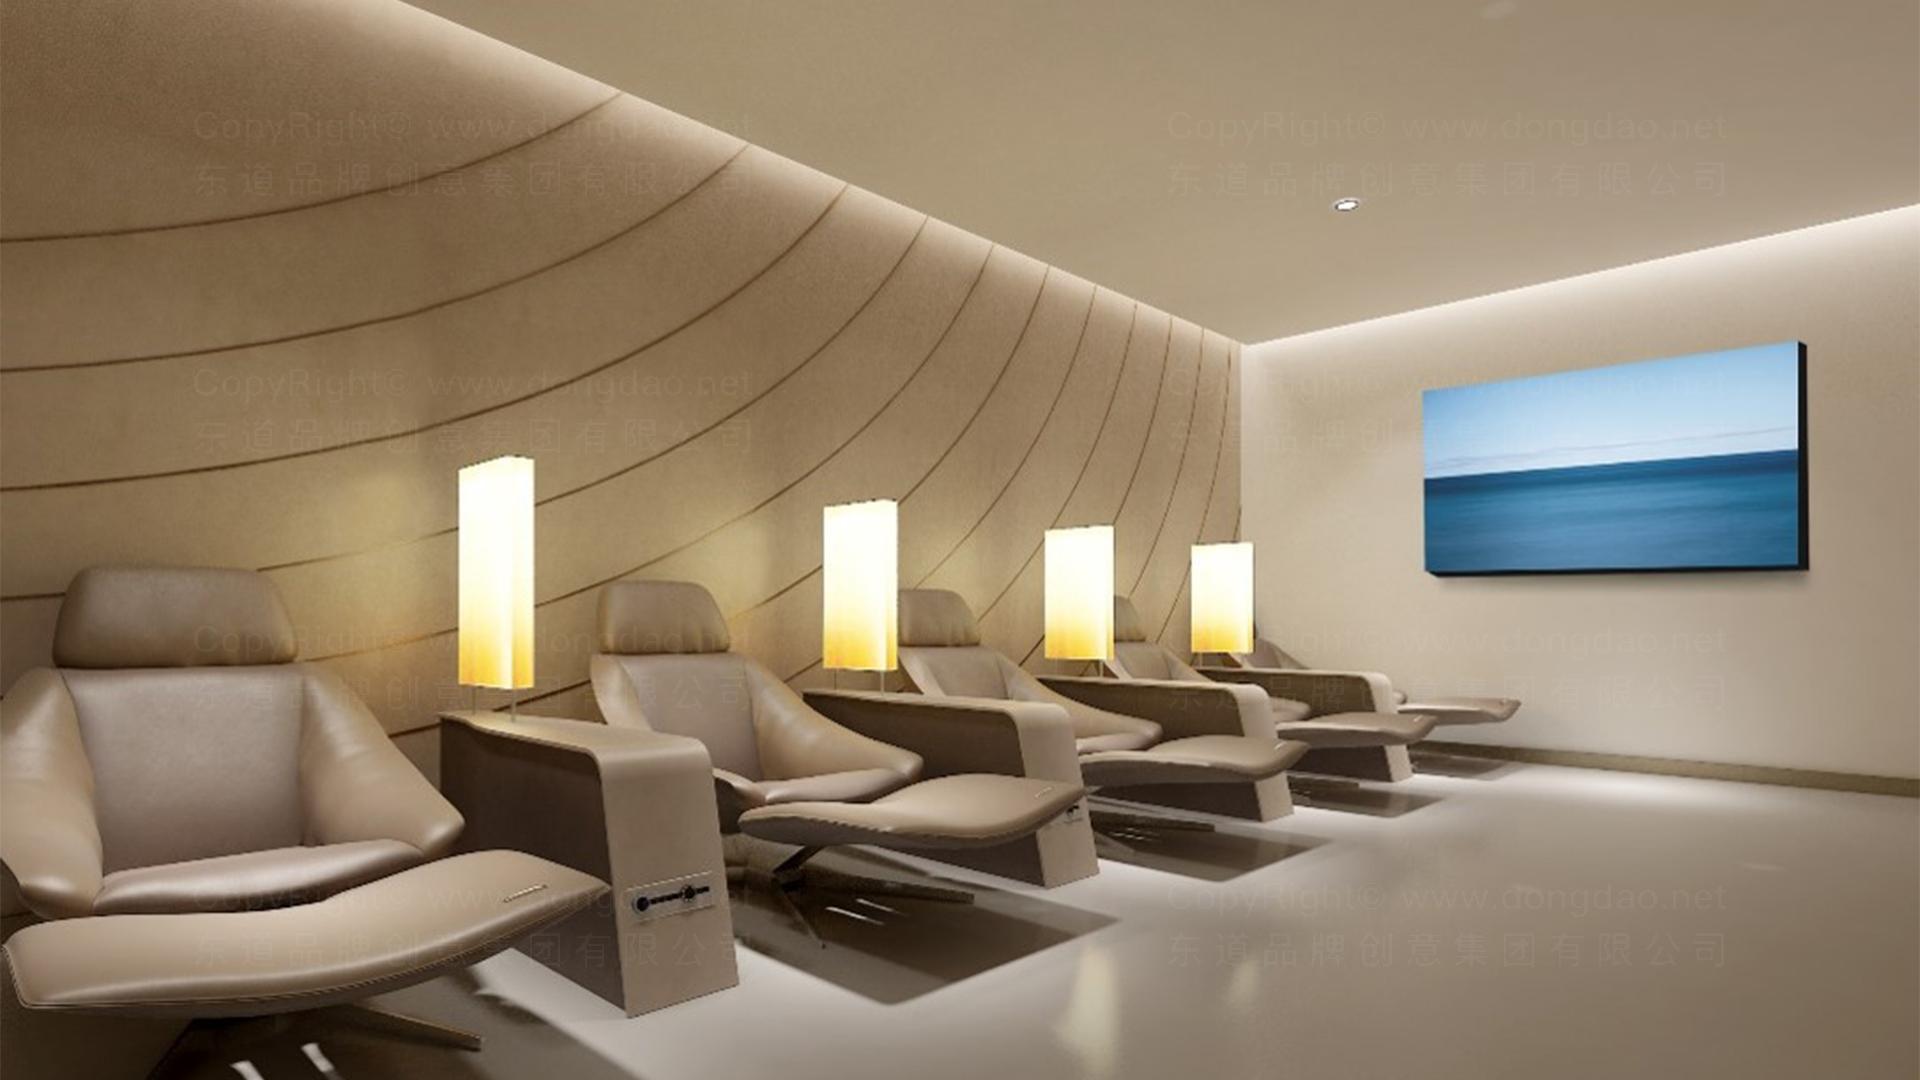 商业空间&导示南方航空南航上海浦东机场 S2 卫星听高端旅客休息室 SI应用场景_5